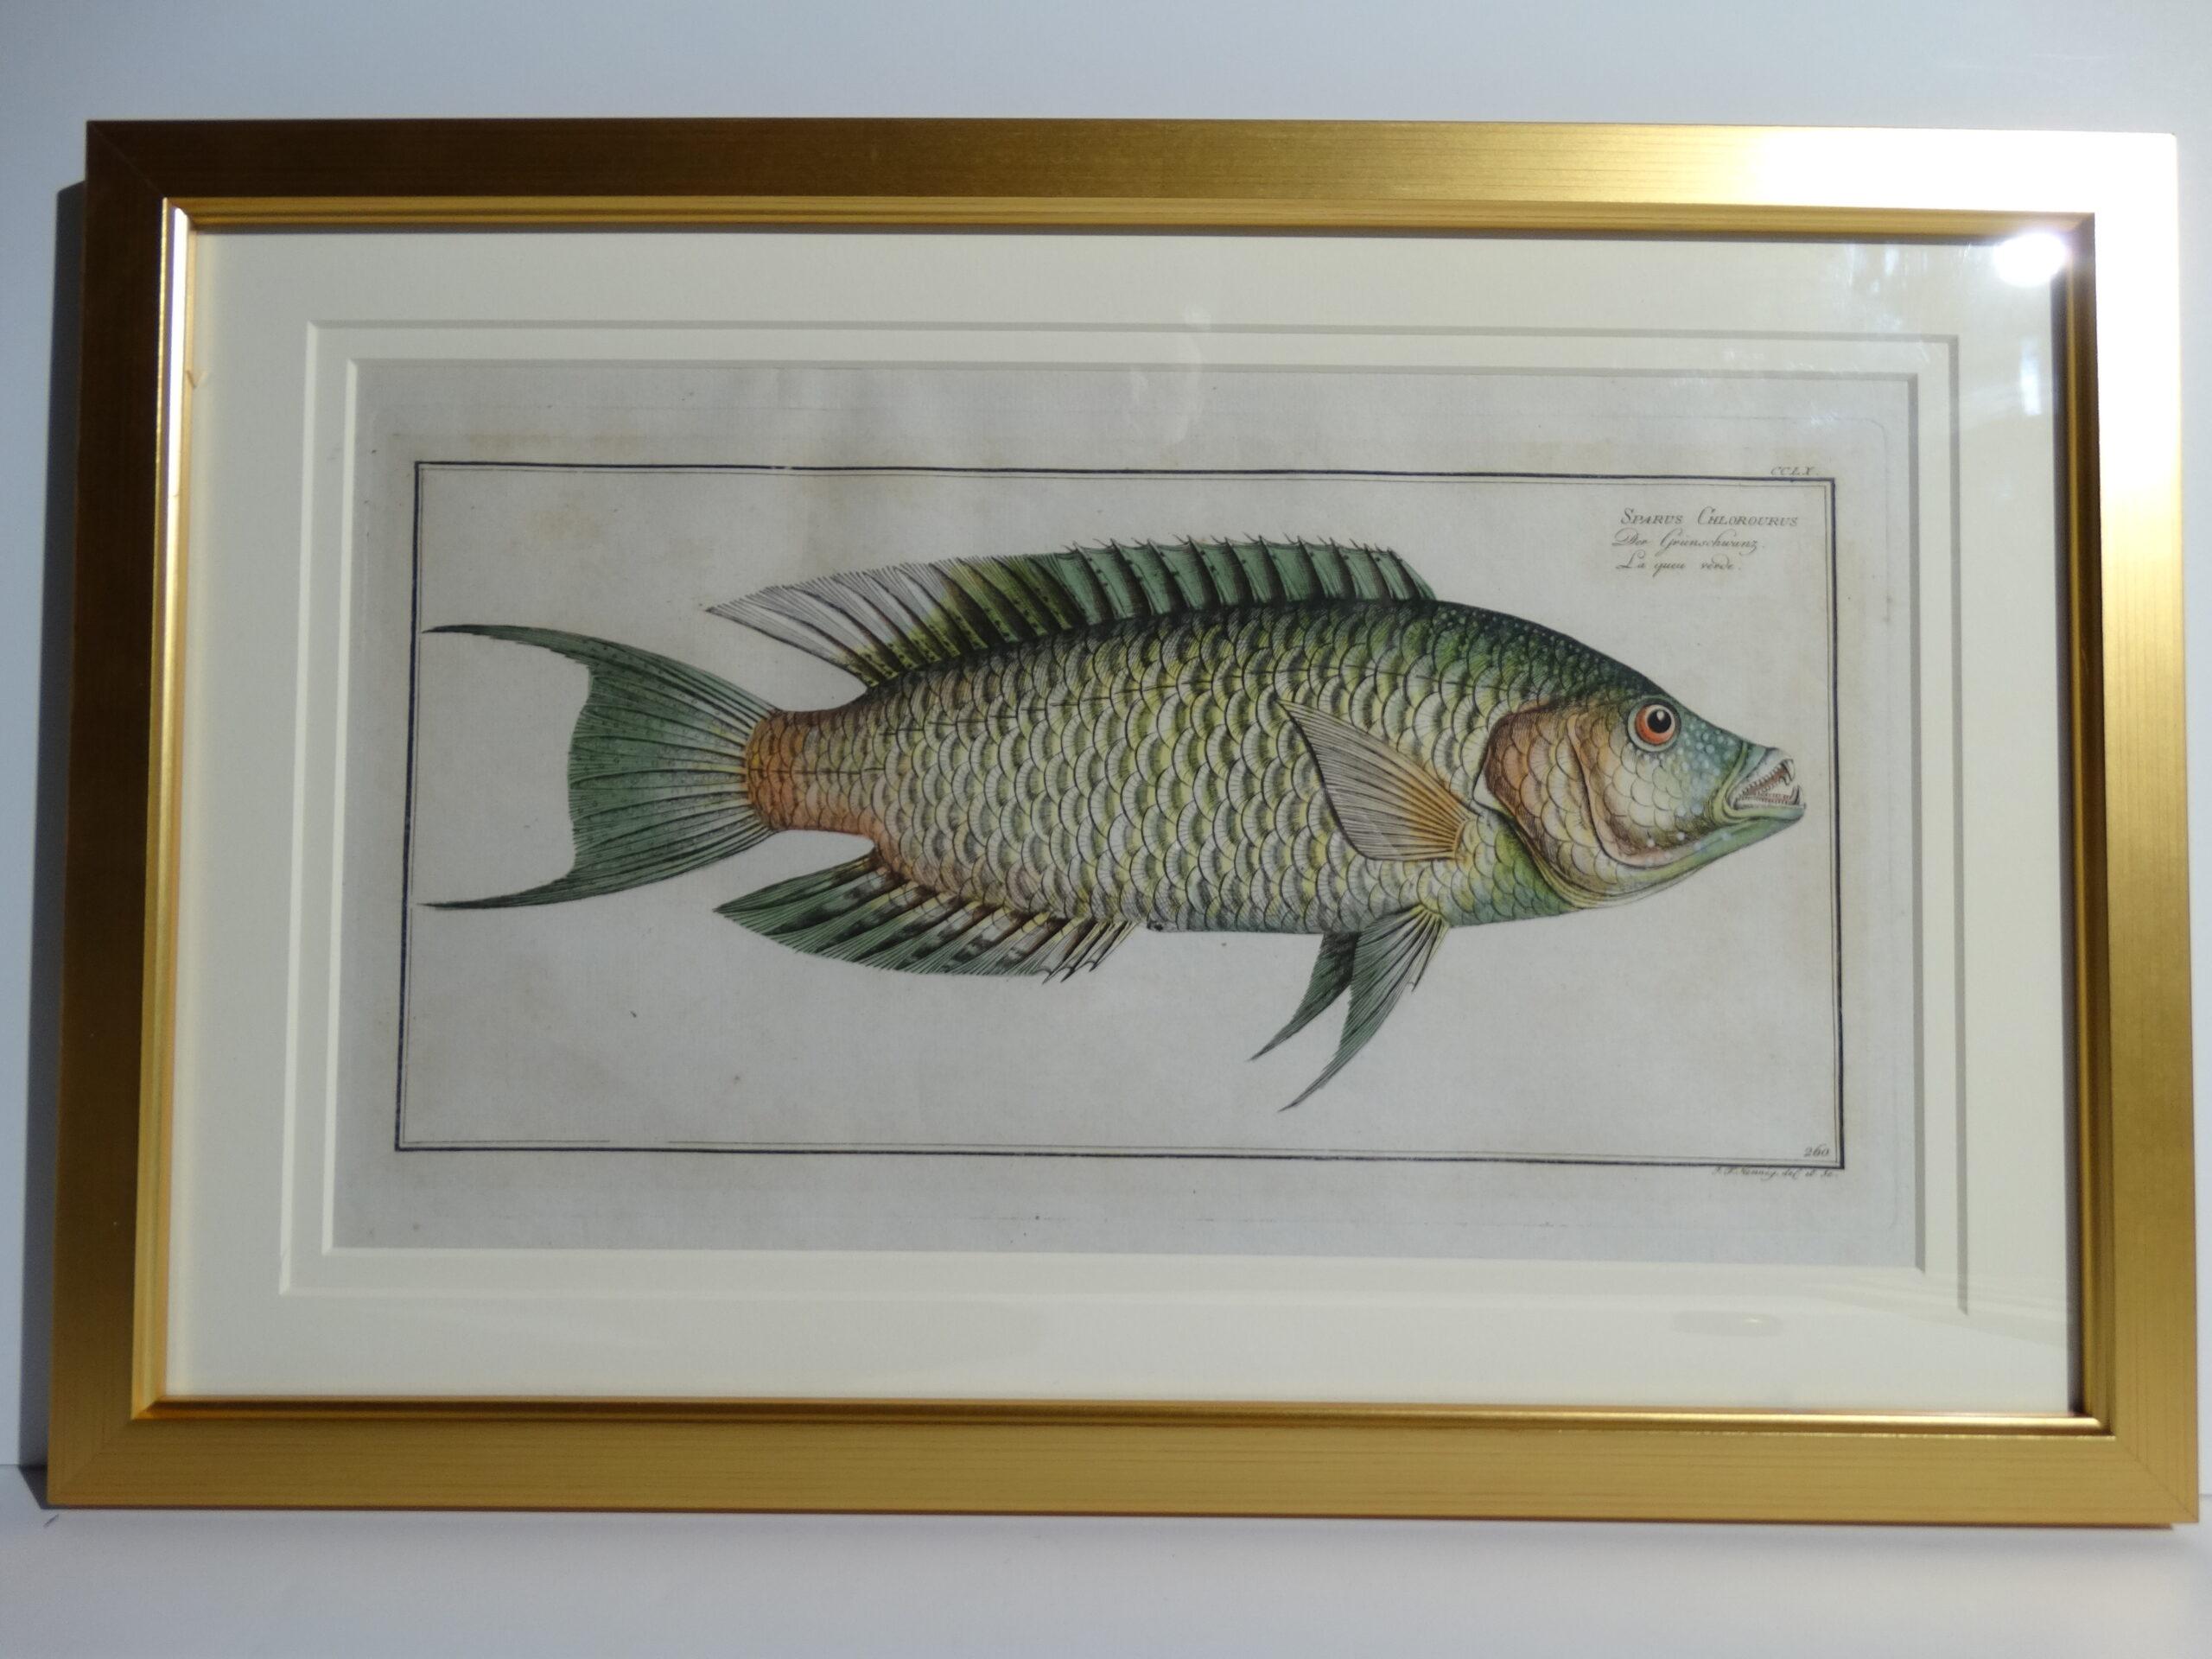 Bloch Fish Engraving Framed3